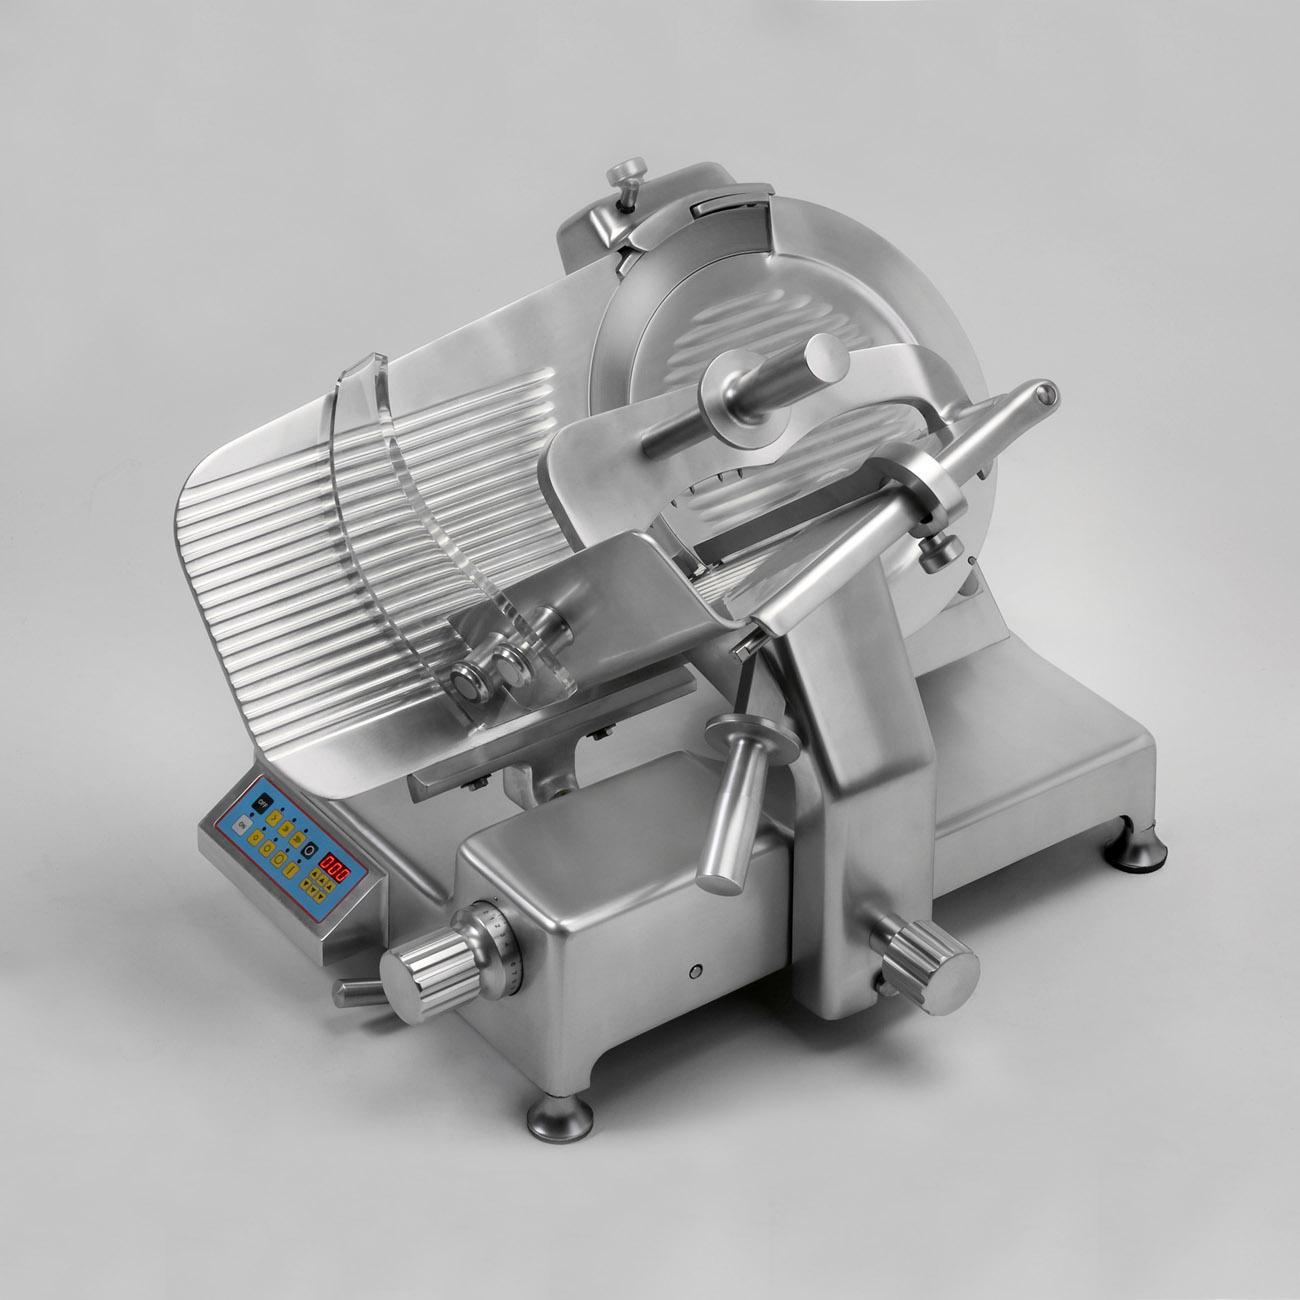 Affettatrice a Gravità 350 semiautomatica professionale